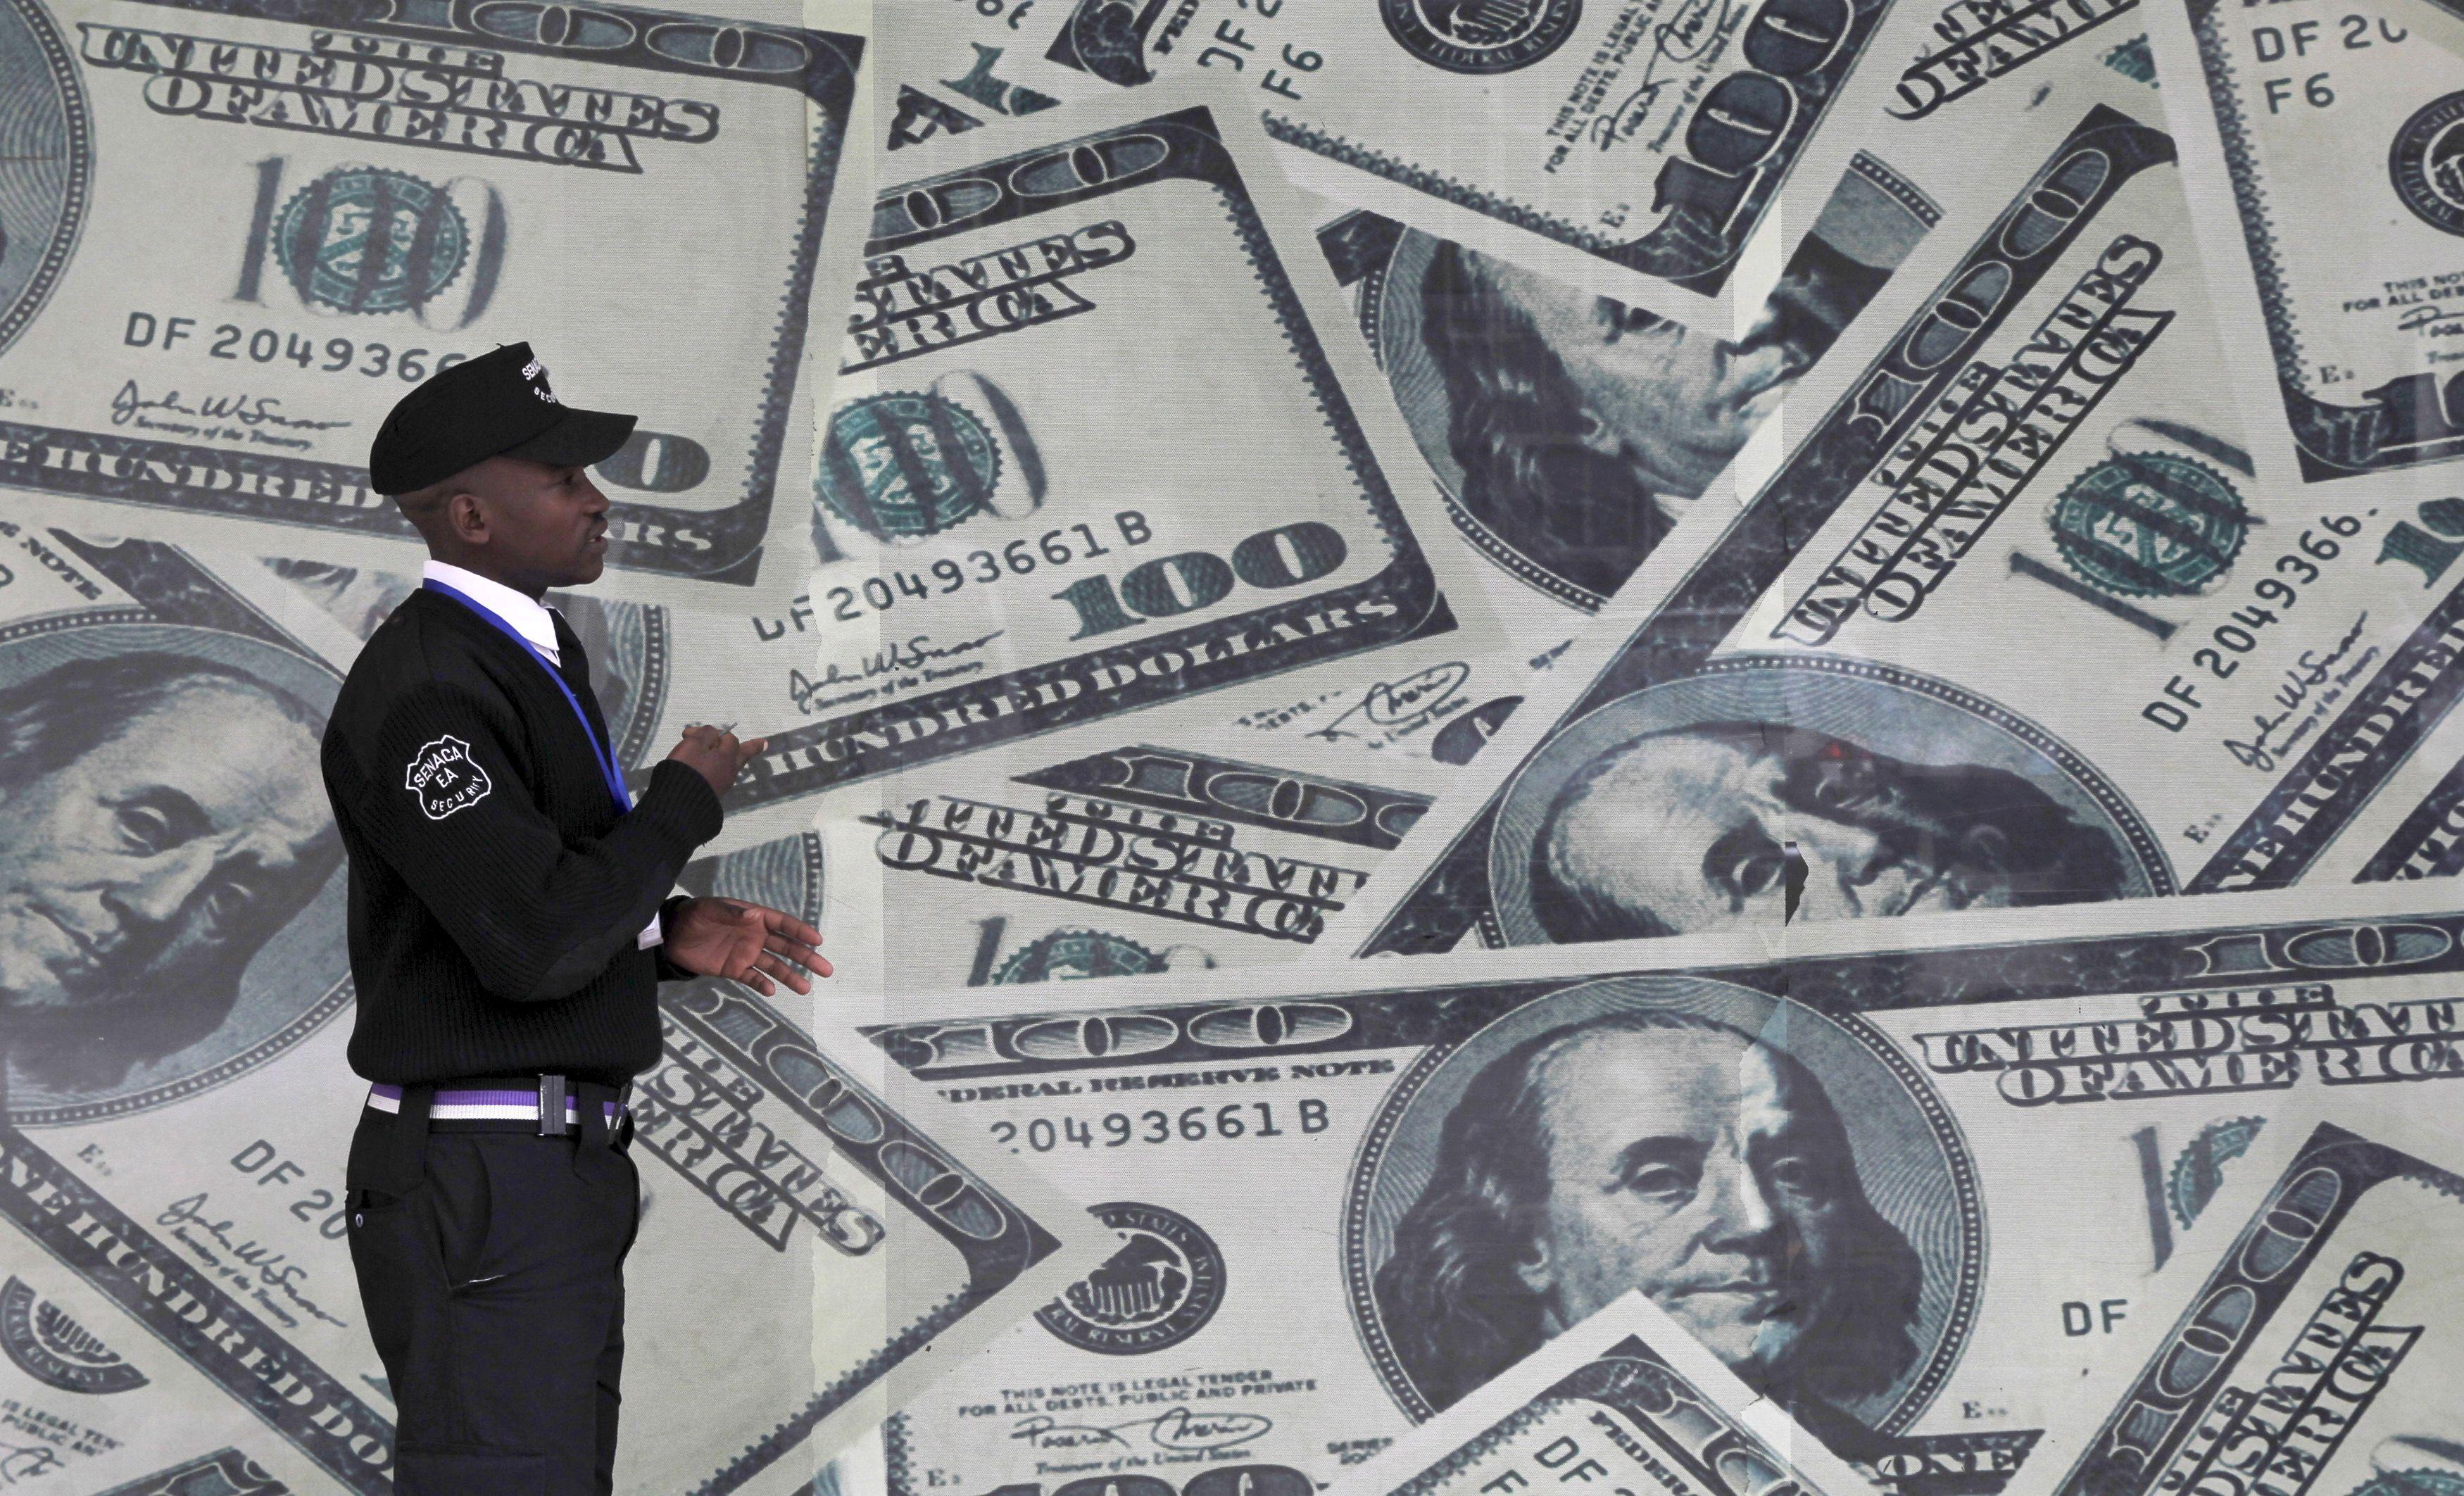 TVF d�lioja ekonomin� darbotvark� naujam JAV lyderiui